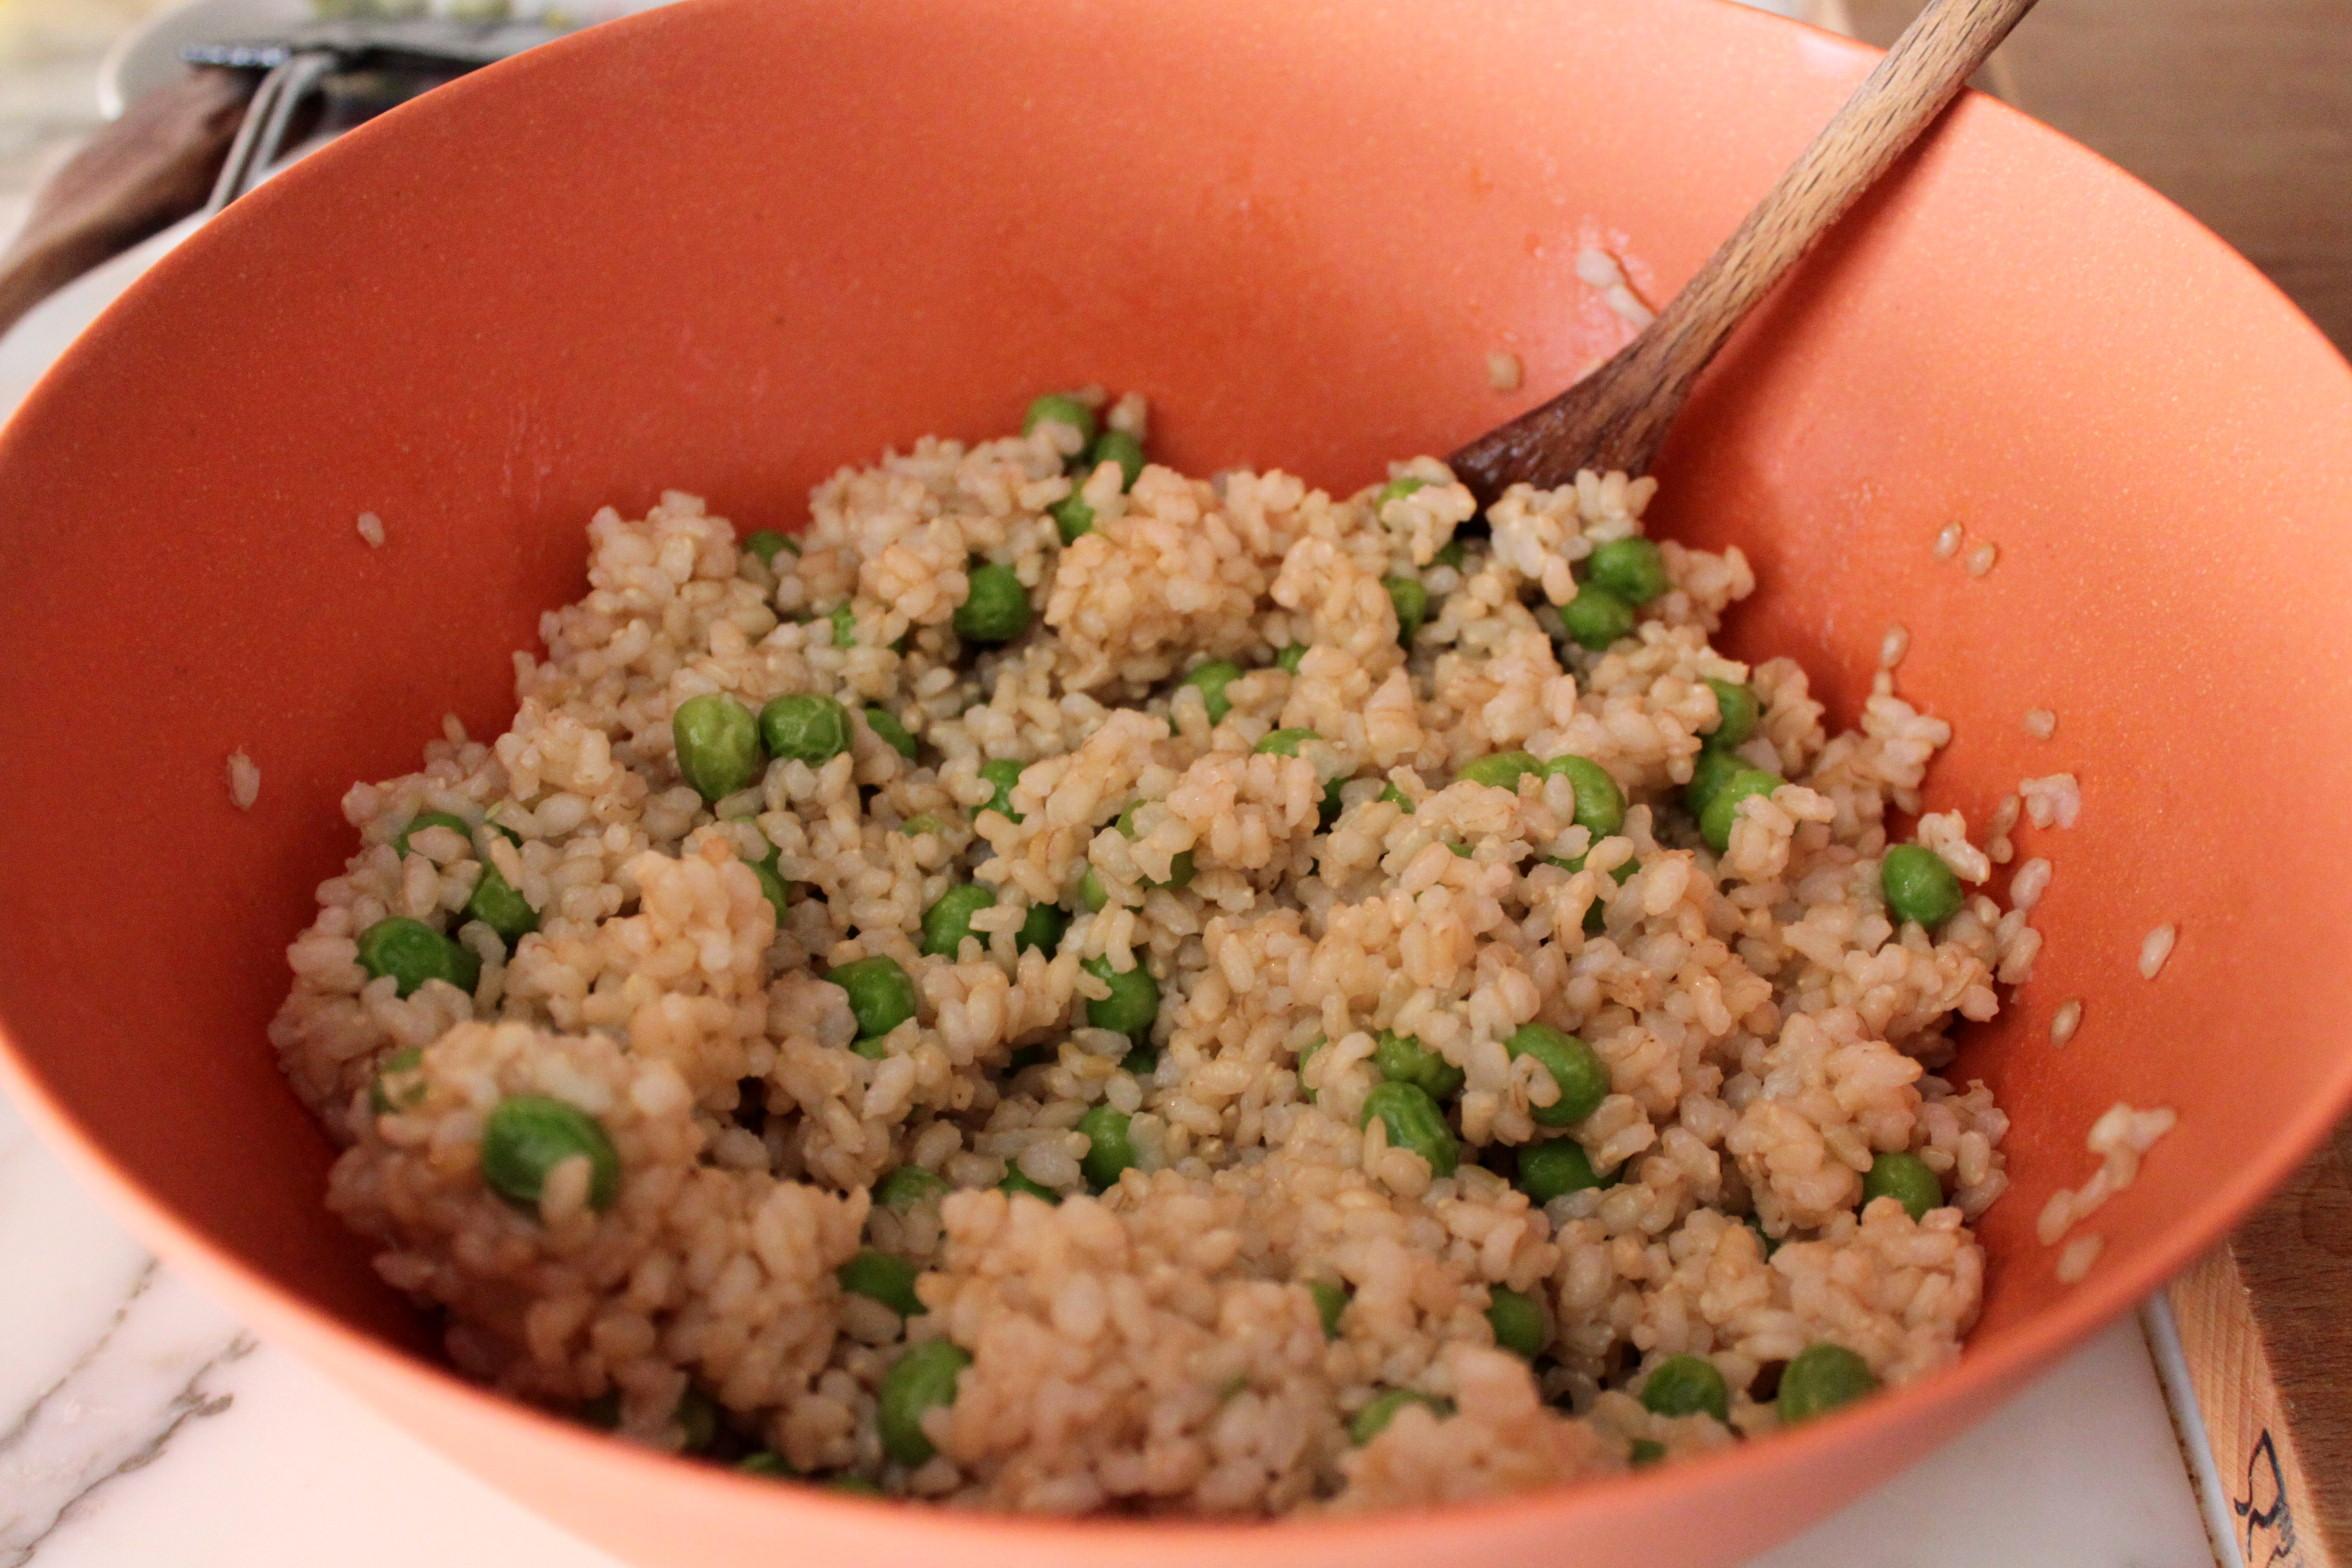 Insalata di riso integrale ricetta cucina per caso con for Cuocere 1 kg di riso